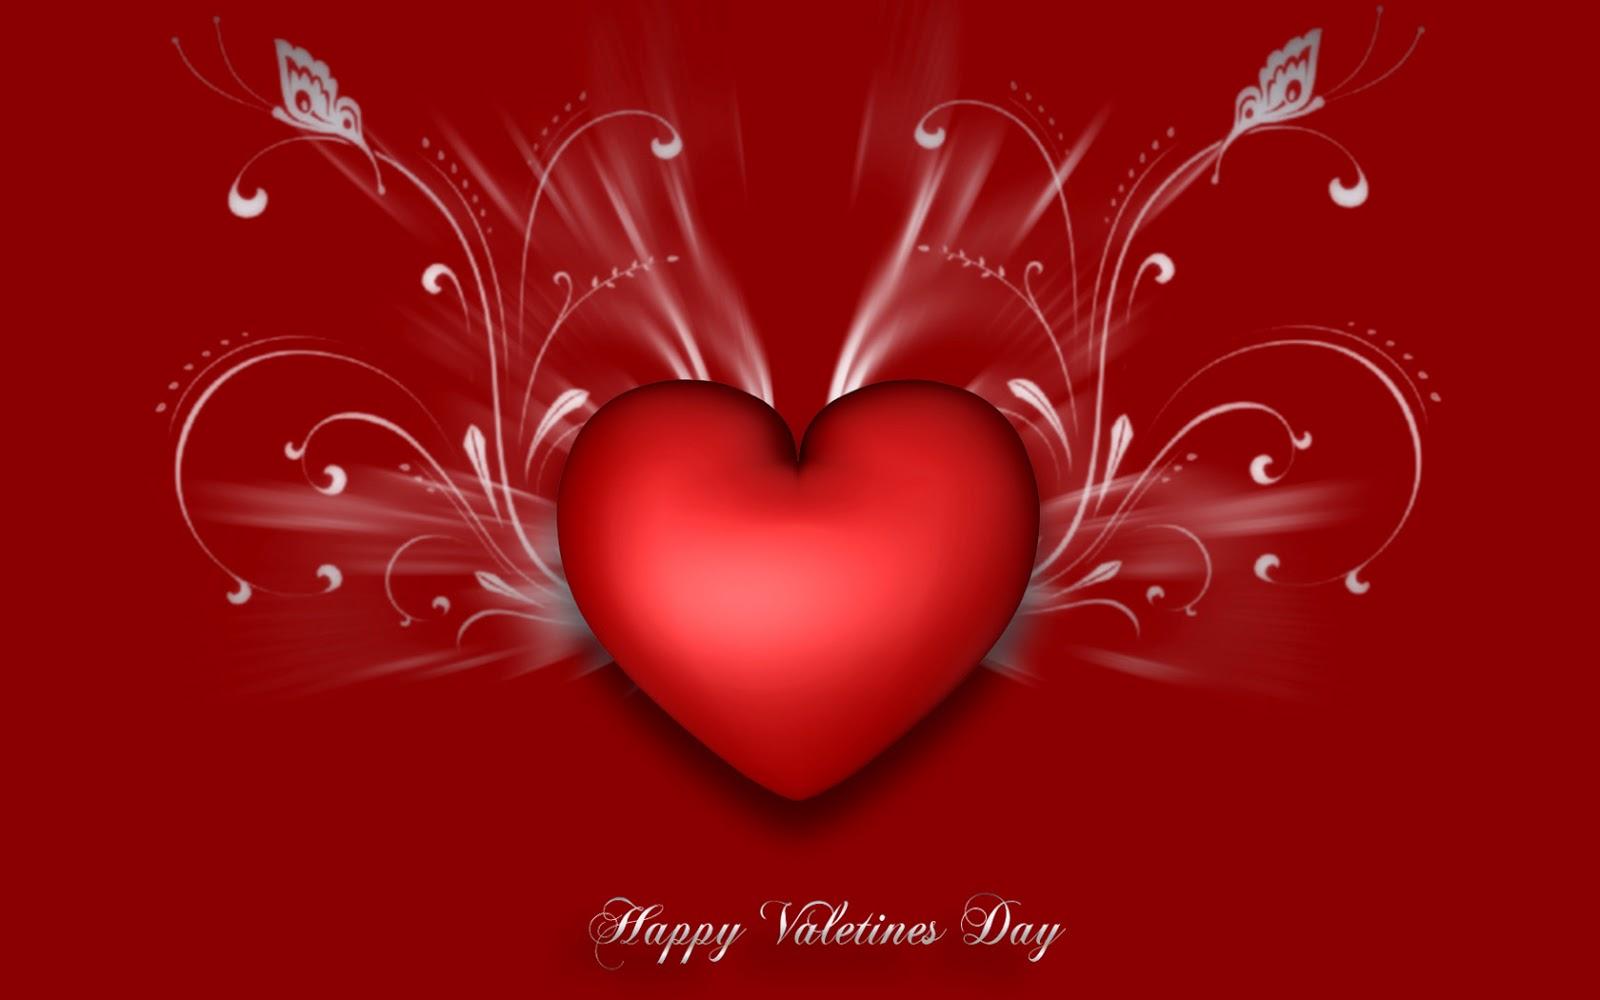 Lời chúc Valentine vui dành cho bạn bè